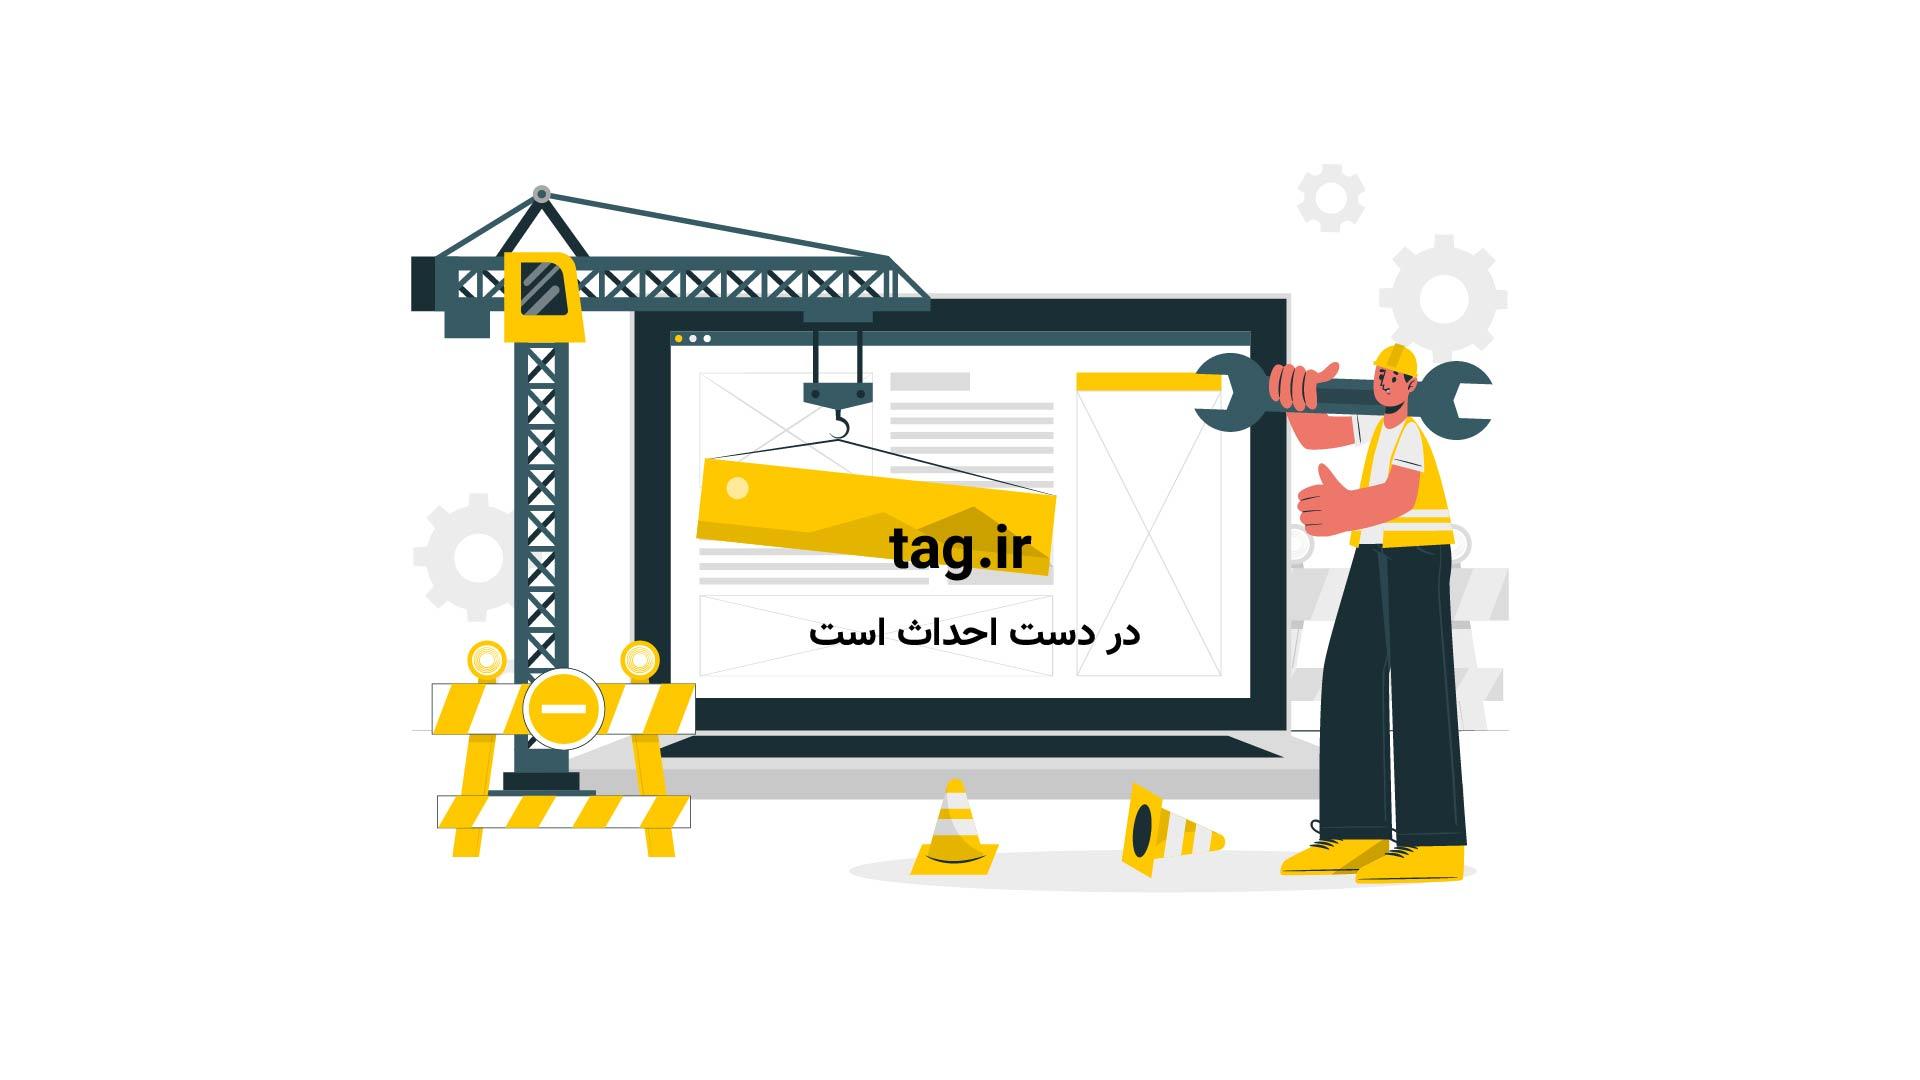 آموزش ساخت چراغ خواب ابری | فیلم